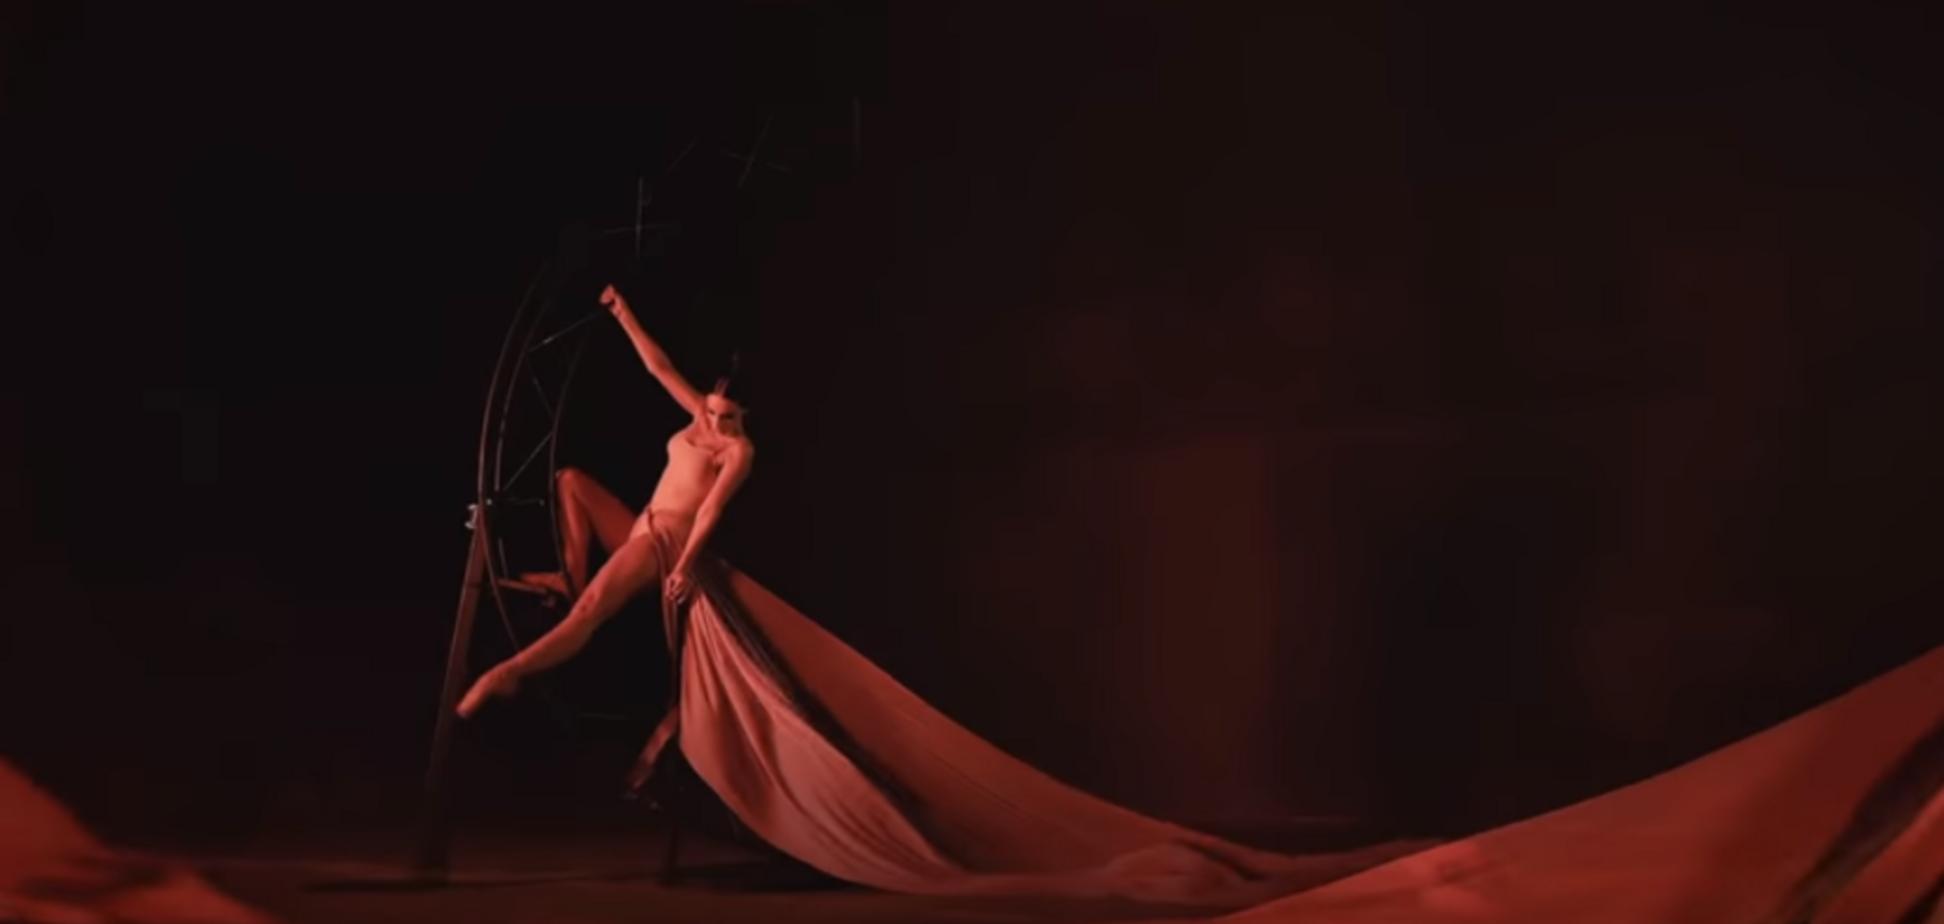 ''Радість крізь біль'': гурт ТІК презентувала атмосферне відео на пісню ''Злива''